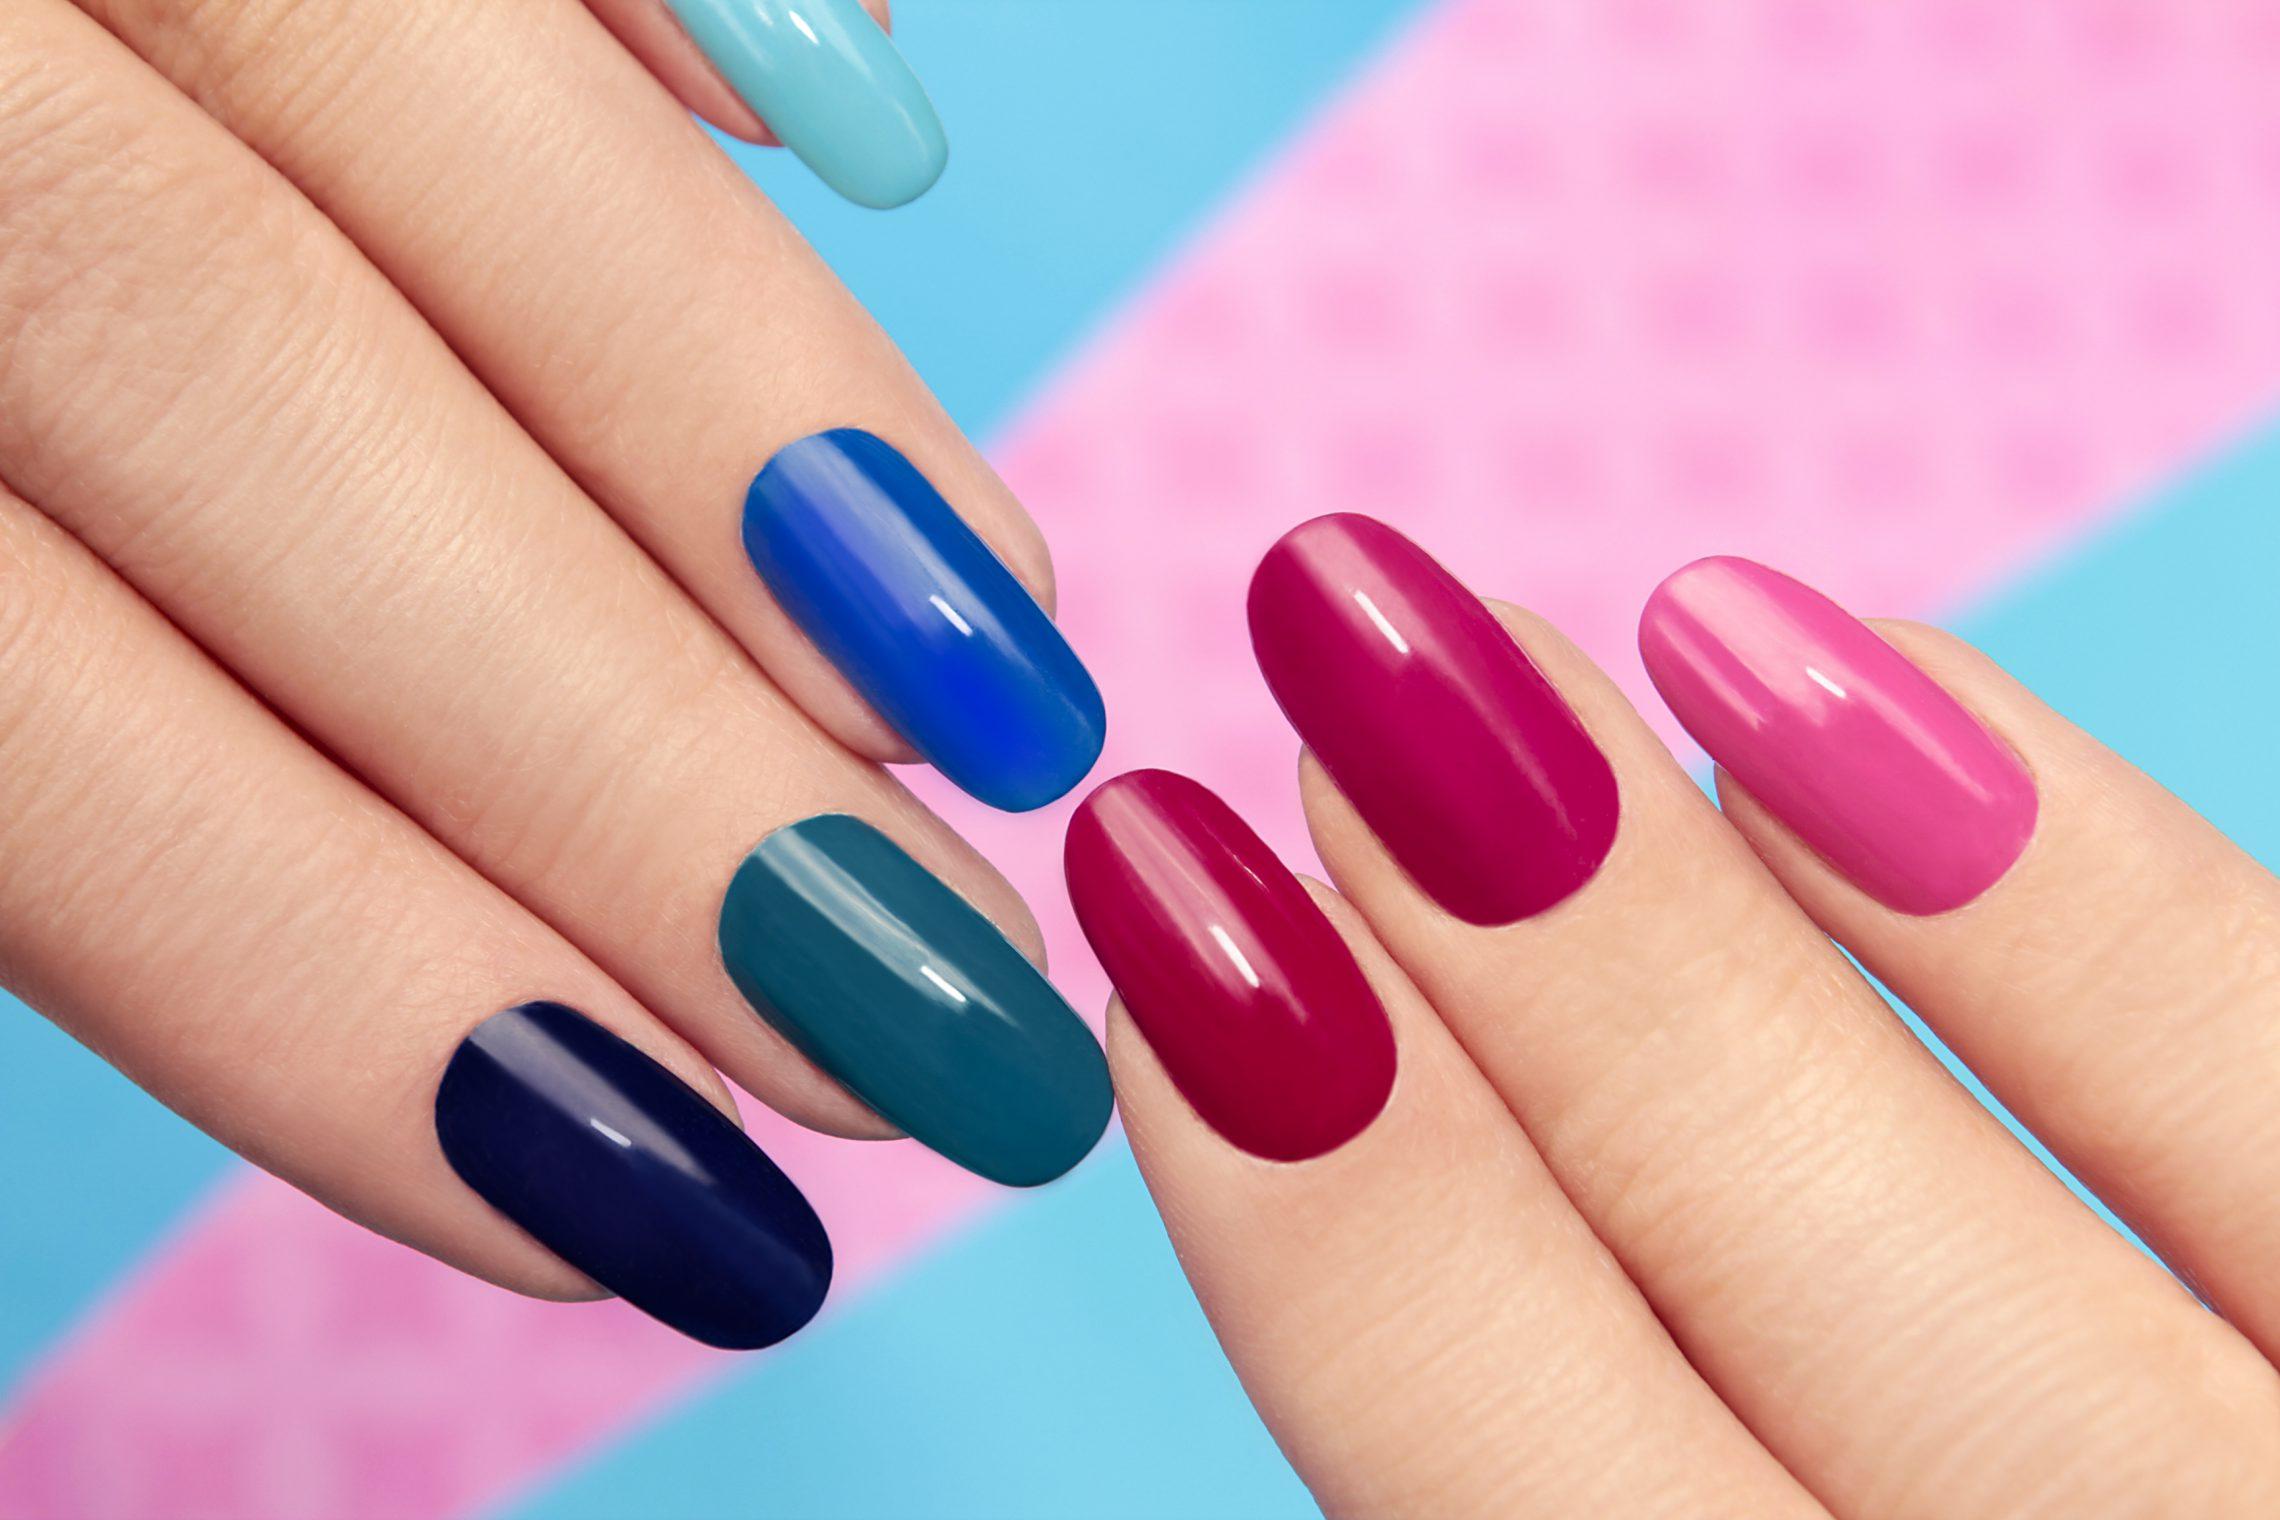 Trwały manicure hybrydowy – jak go zrobić? 3 porady, które wprowadzą cię w świat hybryd